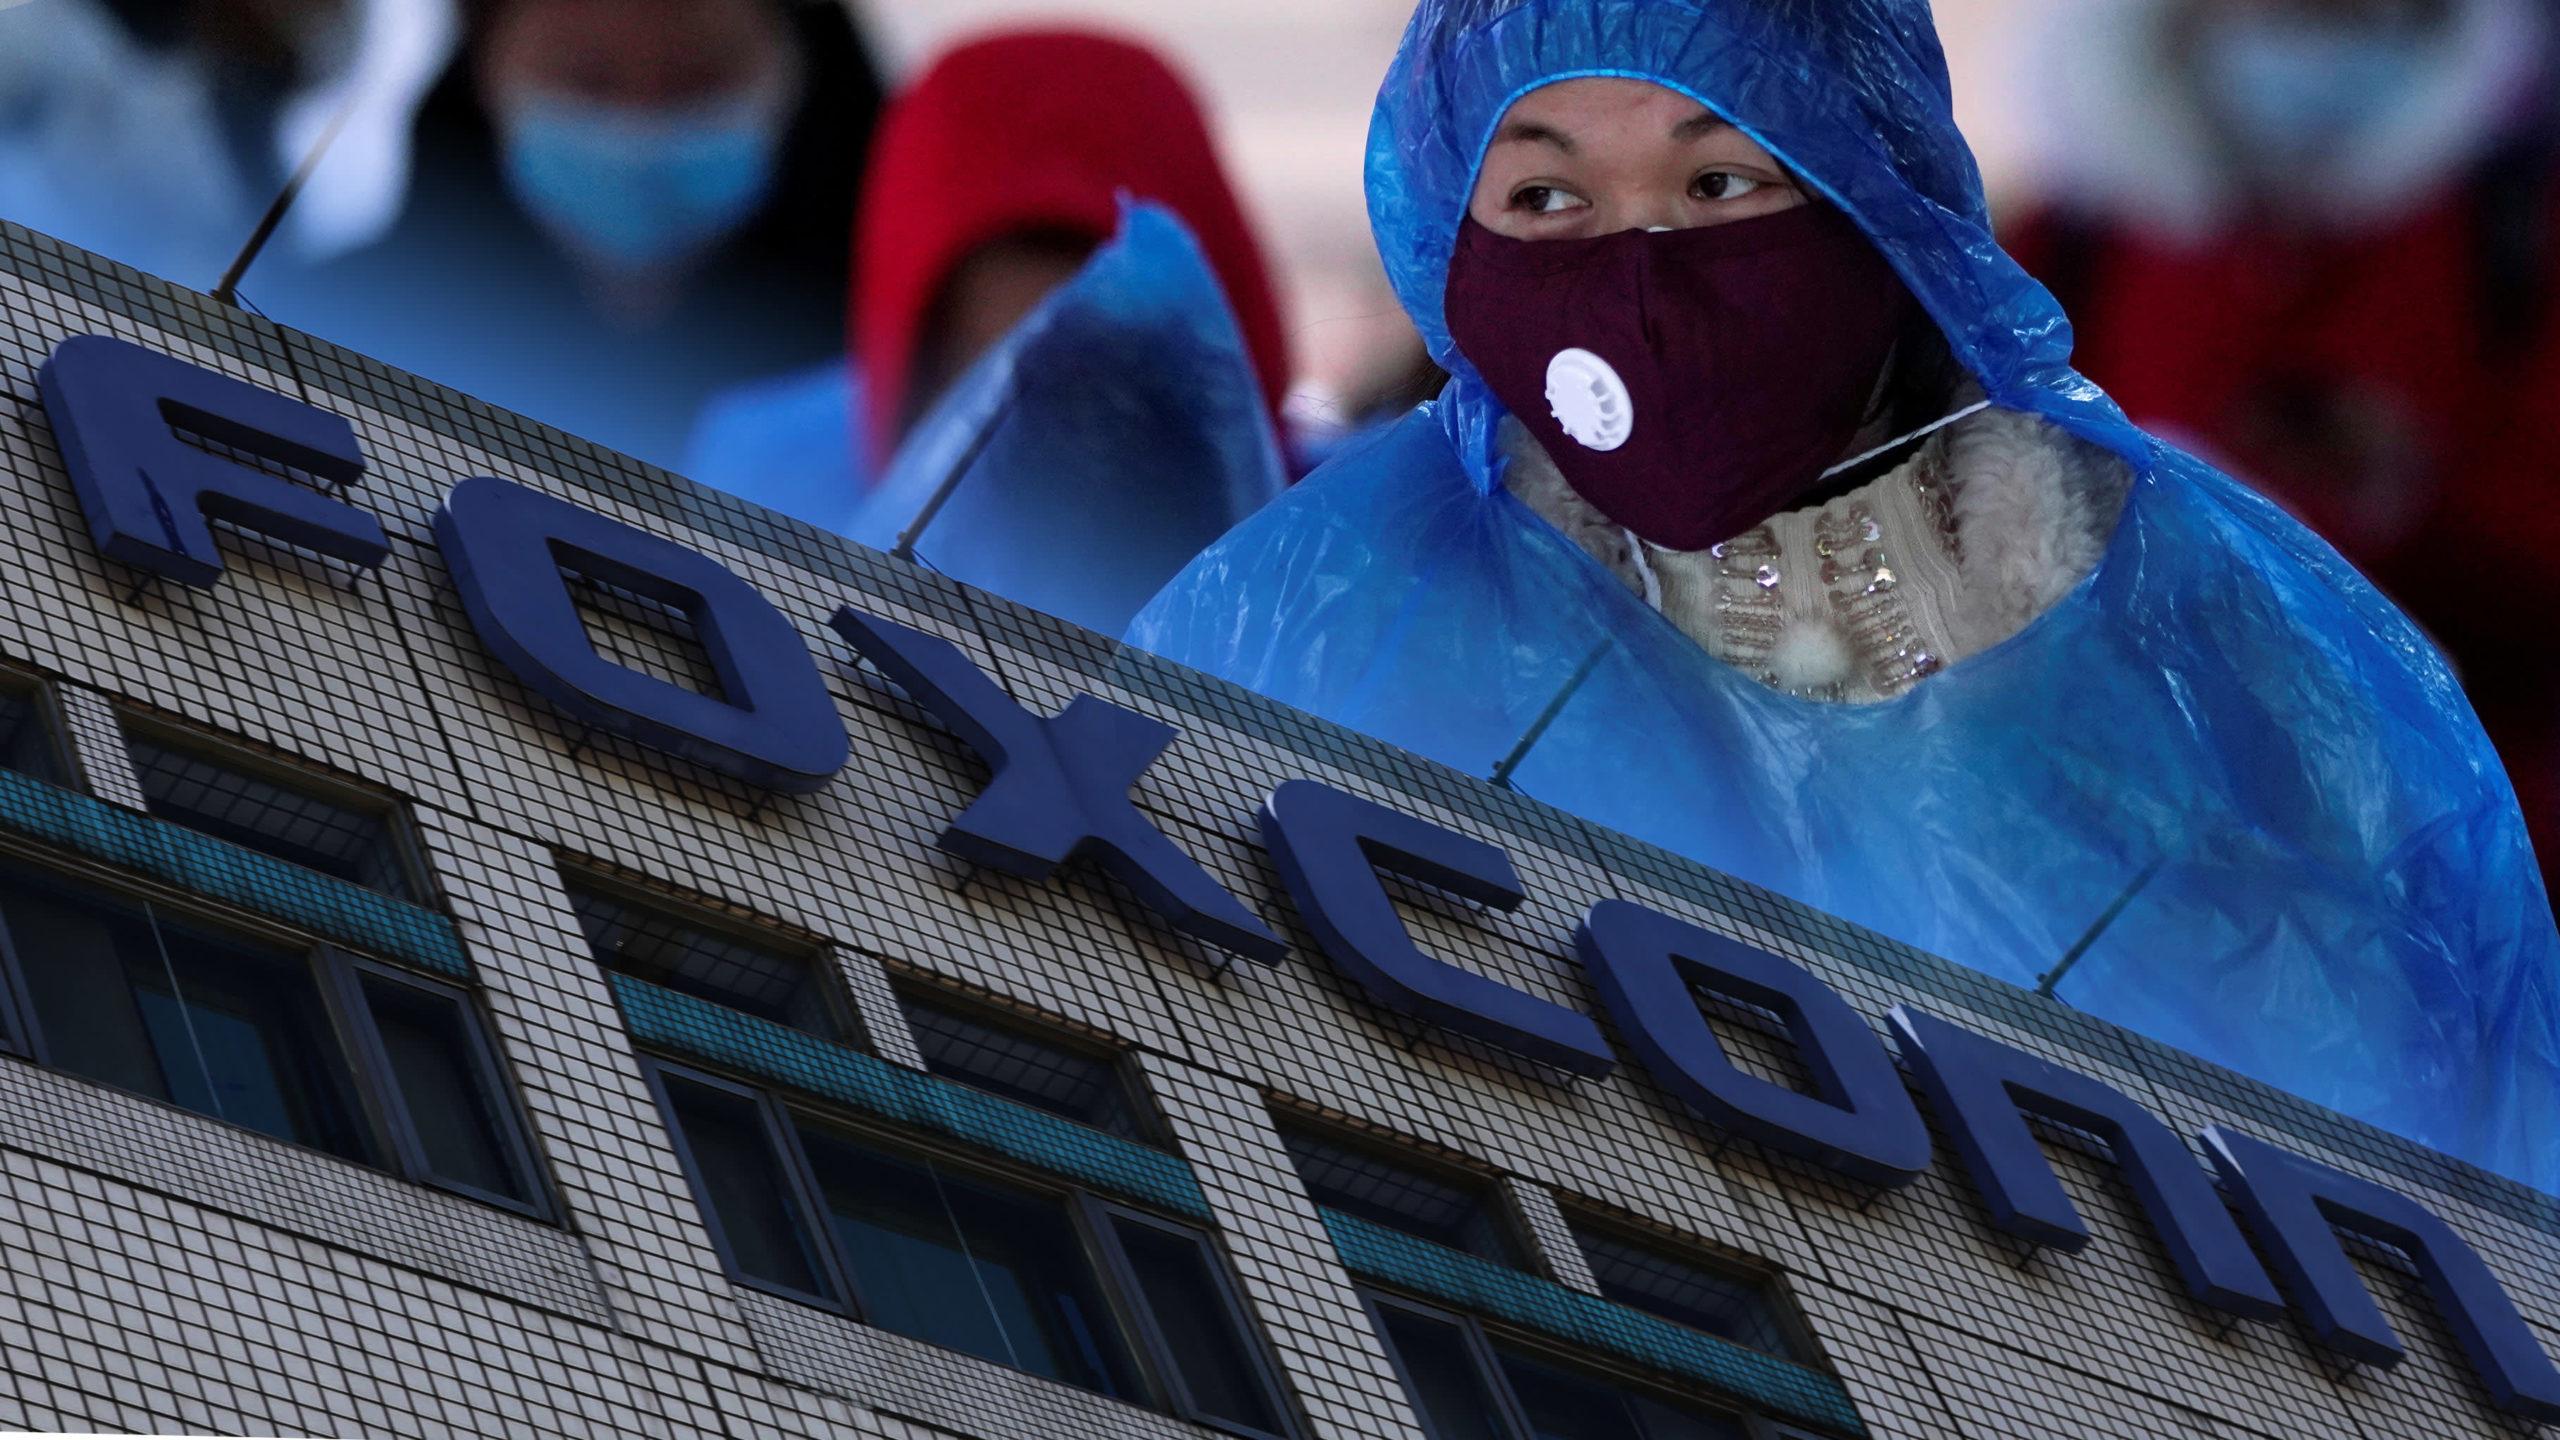 من المحتمل أن يؤثر تعطيل إنتاج فوكسكون على إمدادات أجهزة آيفون- 9 من شباط (nikkei)